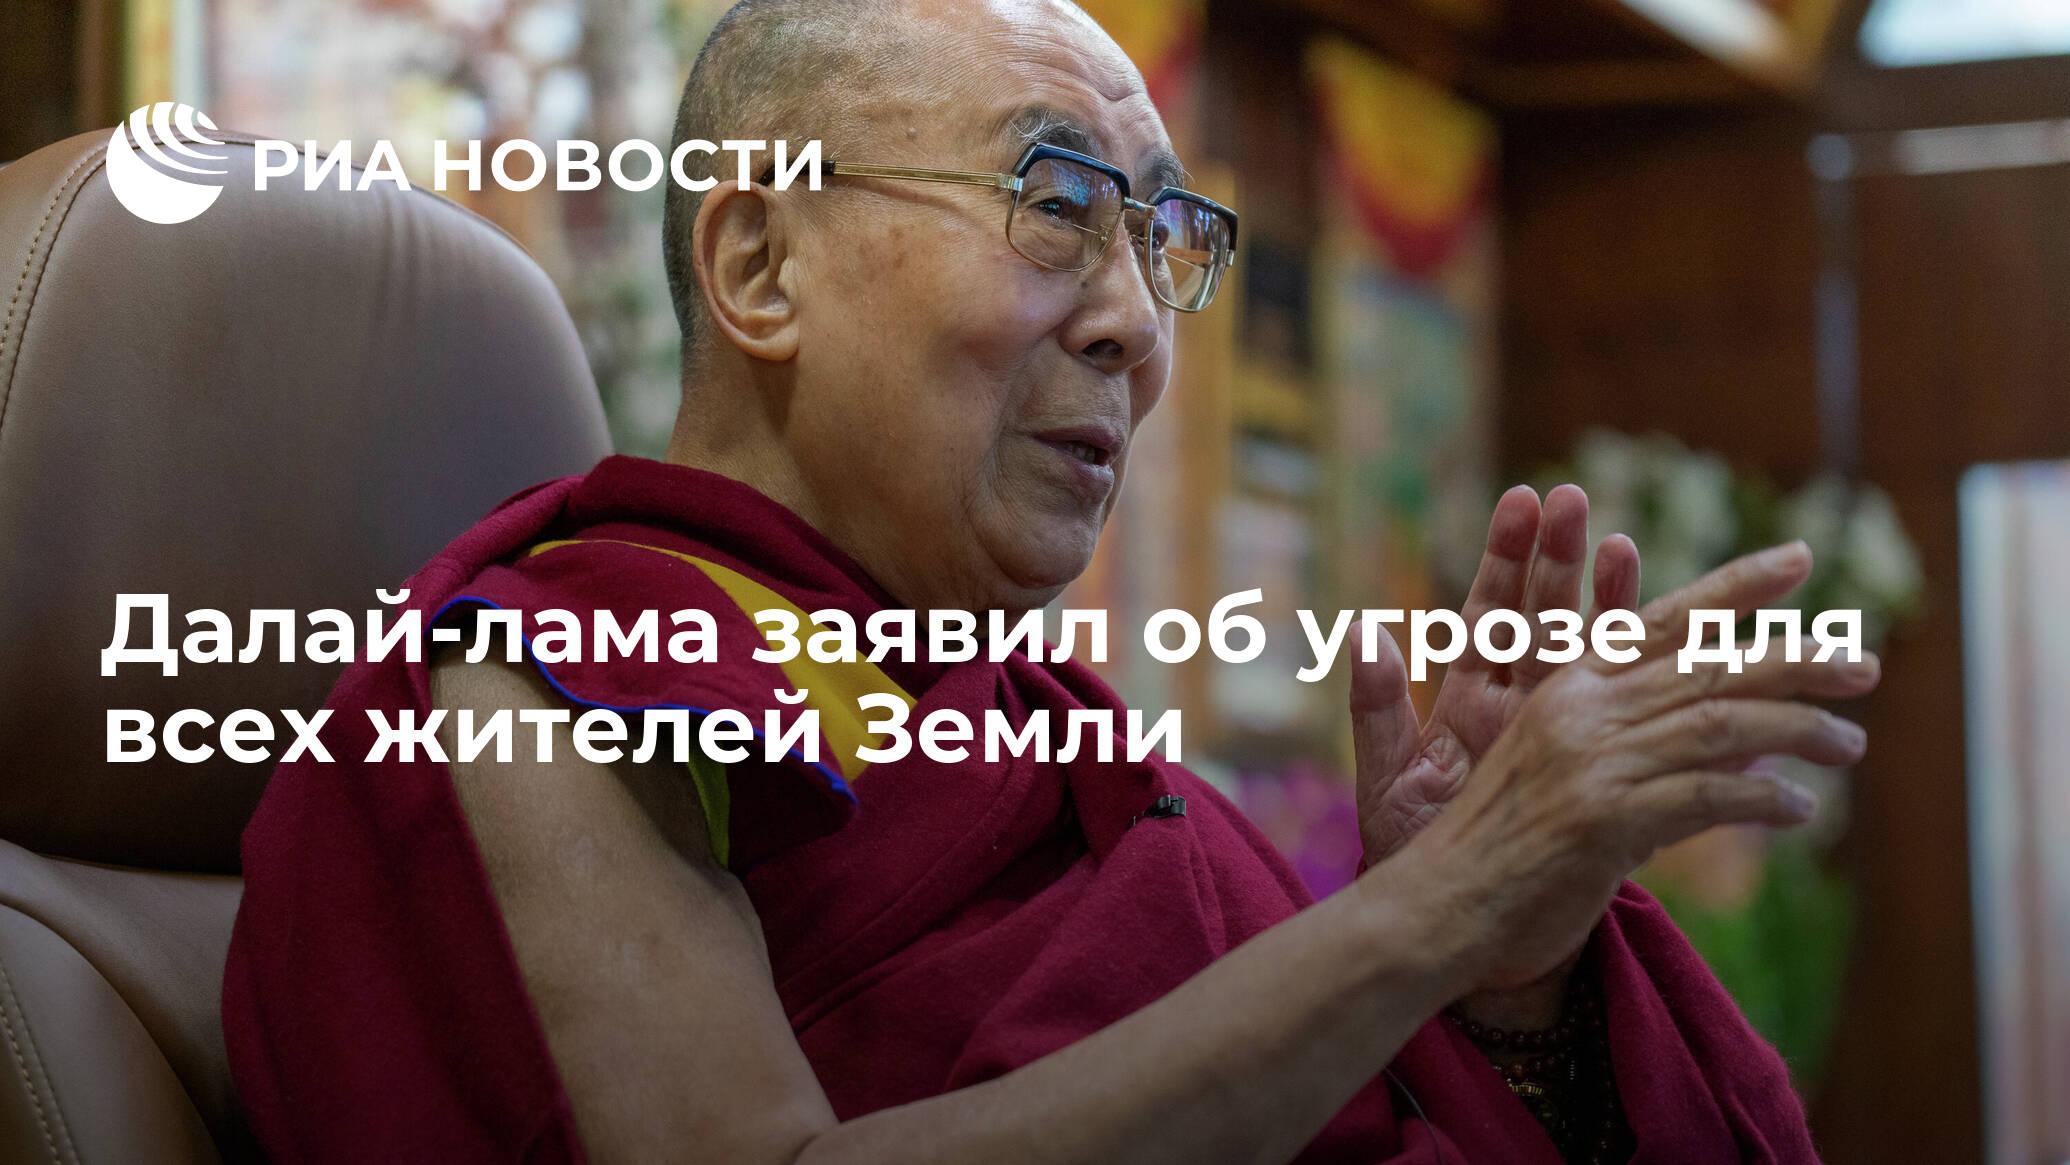 Далай-лама заявил об угрозе для всех жителей Земли